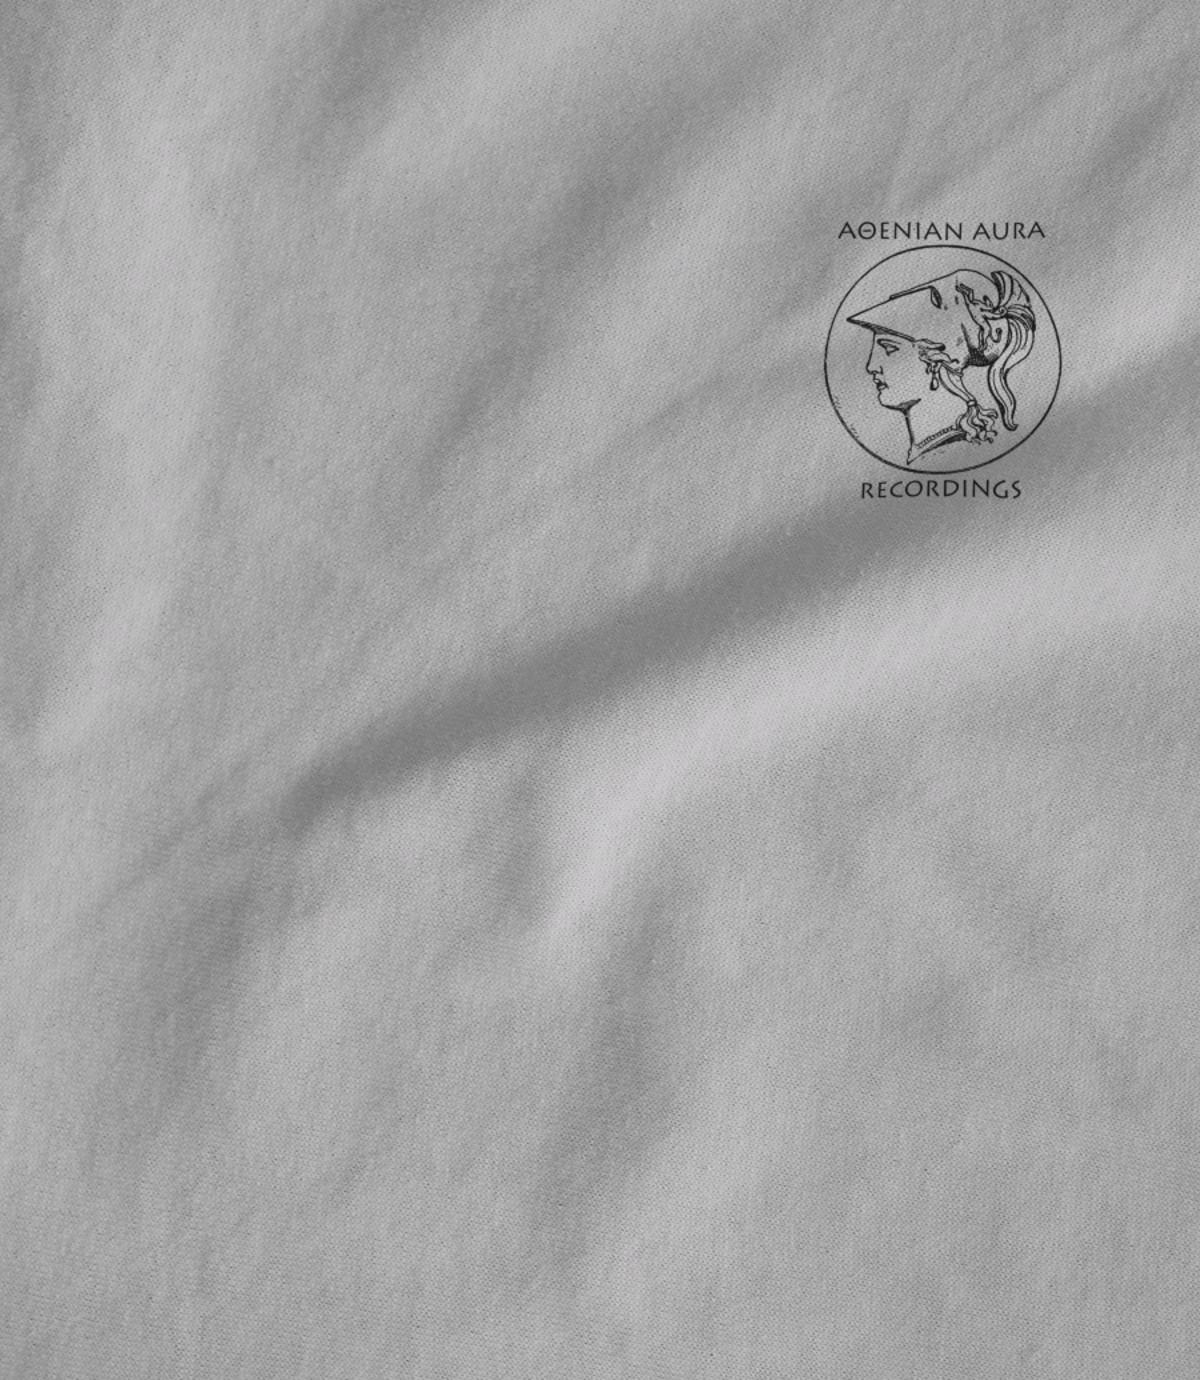 Athenian aura recordings  athenian aura white 1501703478